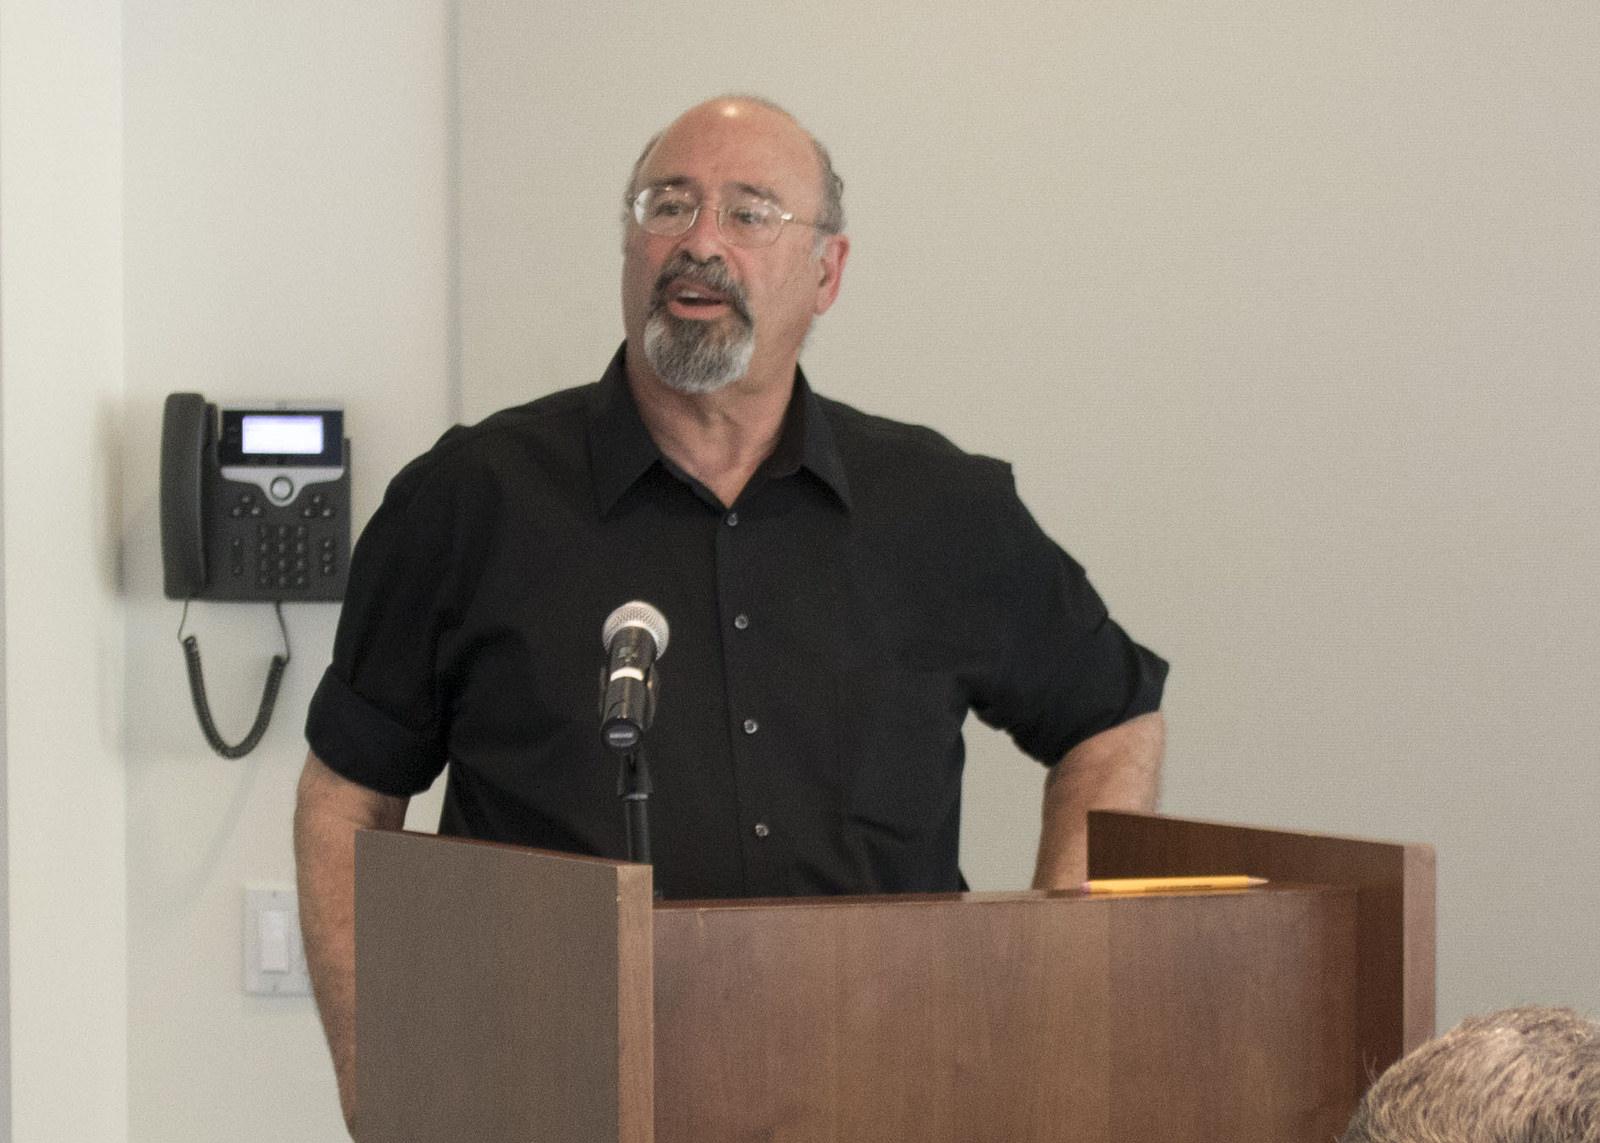 Dean Scheibel